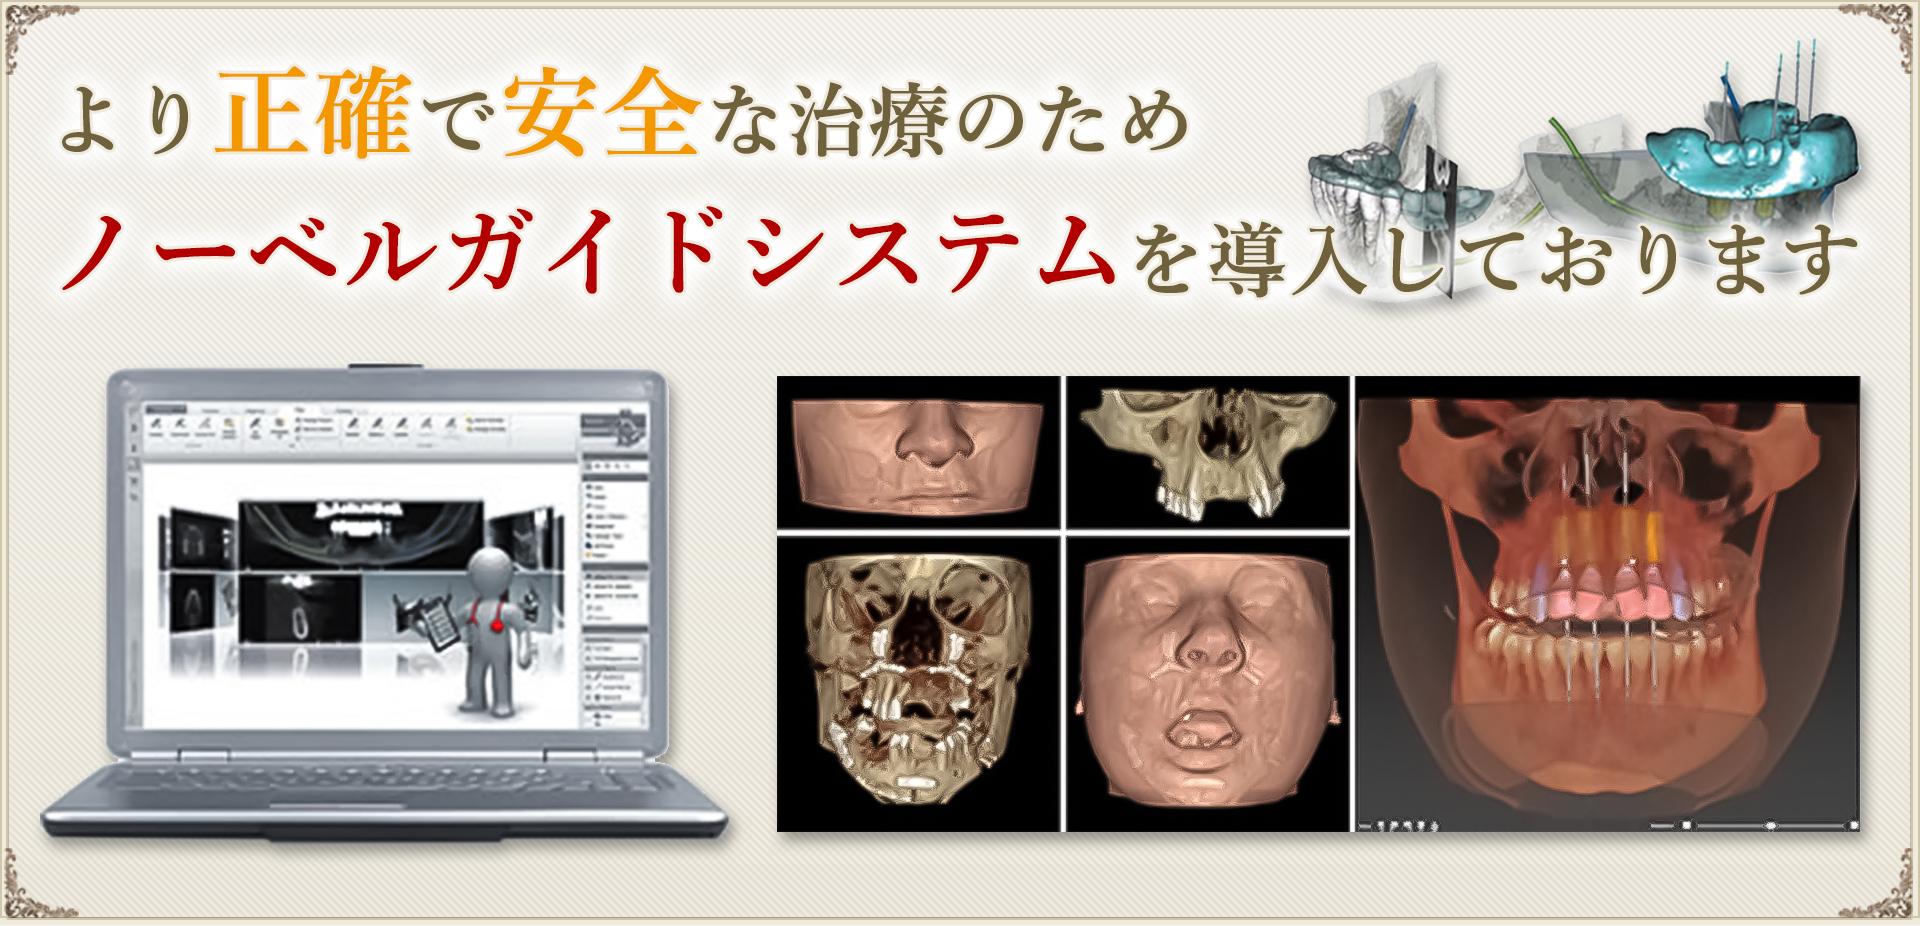 より正確で安全な治療のため、ノーベルガイドシステムを導入しております。